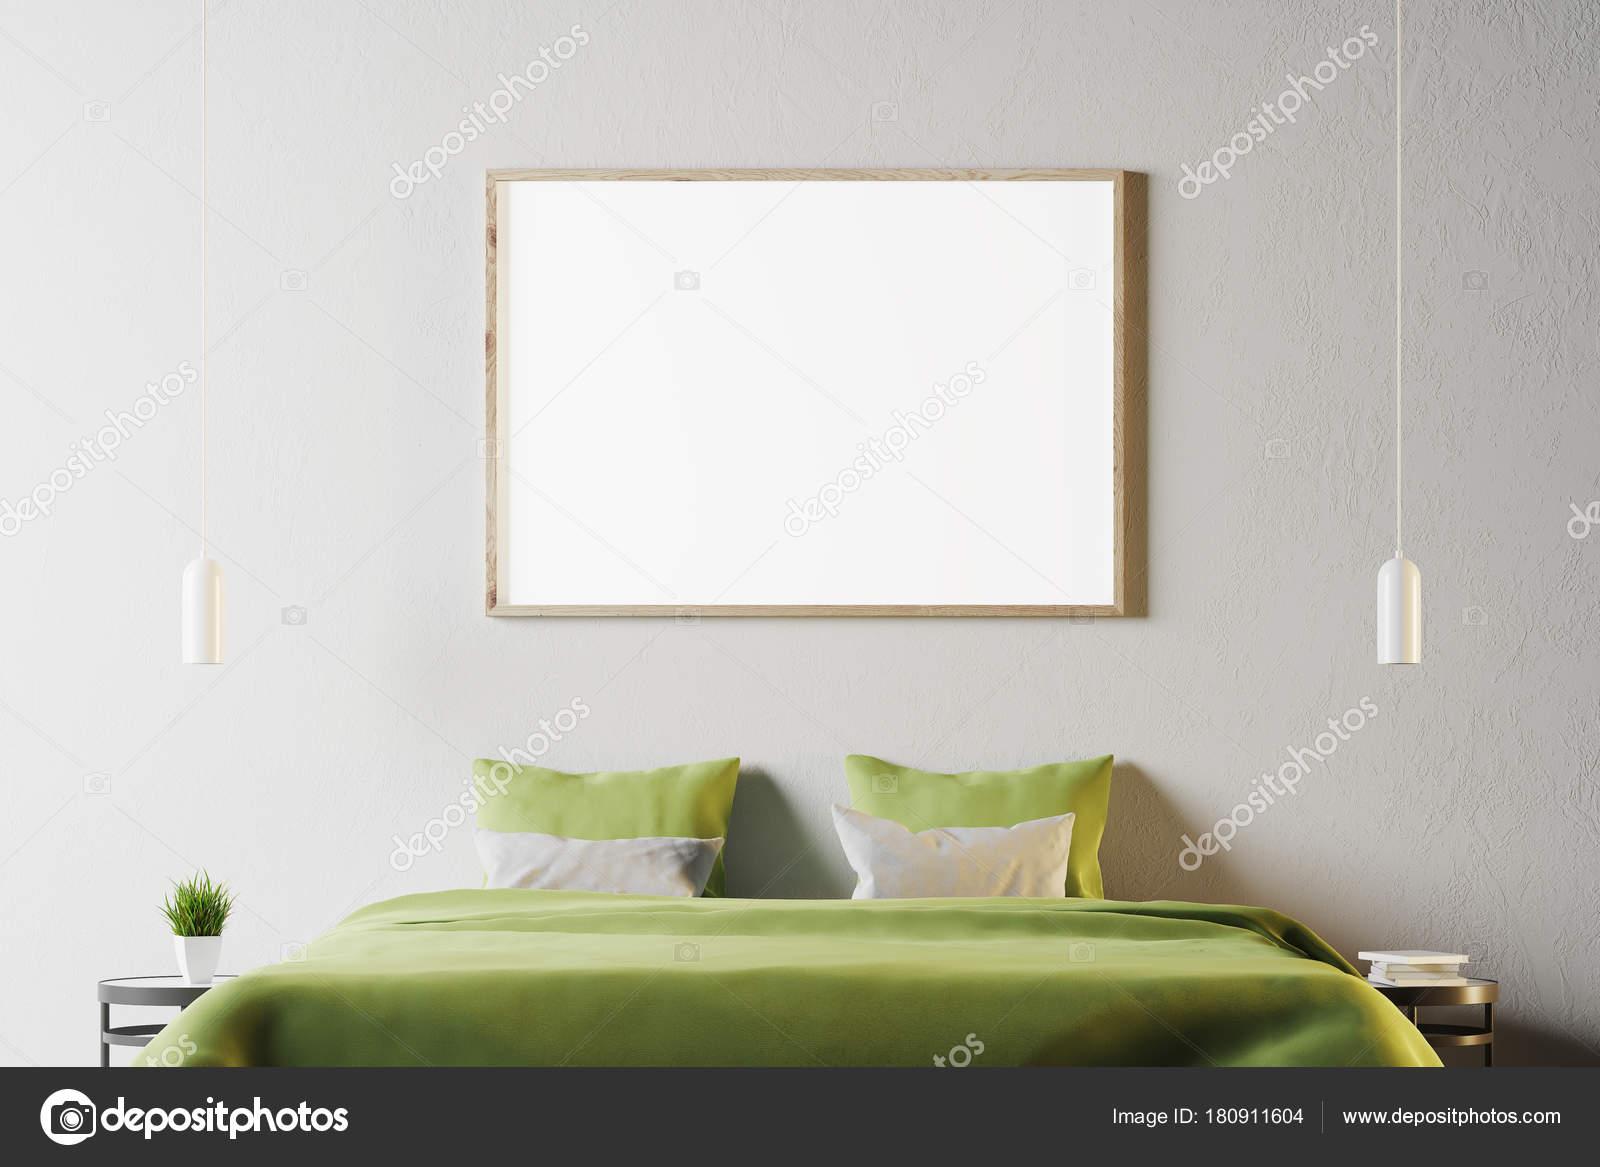 Slaapkamer Groen Wit : Wit slaapkamer met groene bed en poster u2014 stockfoto © denisismagilov